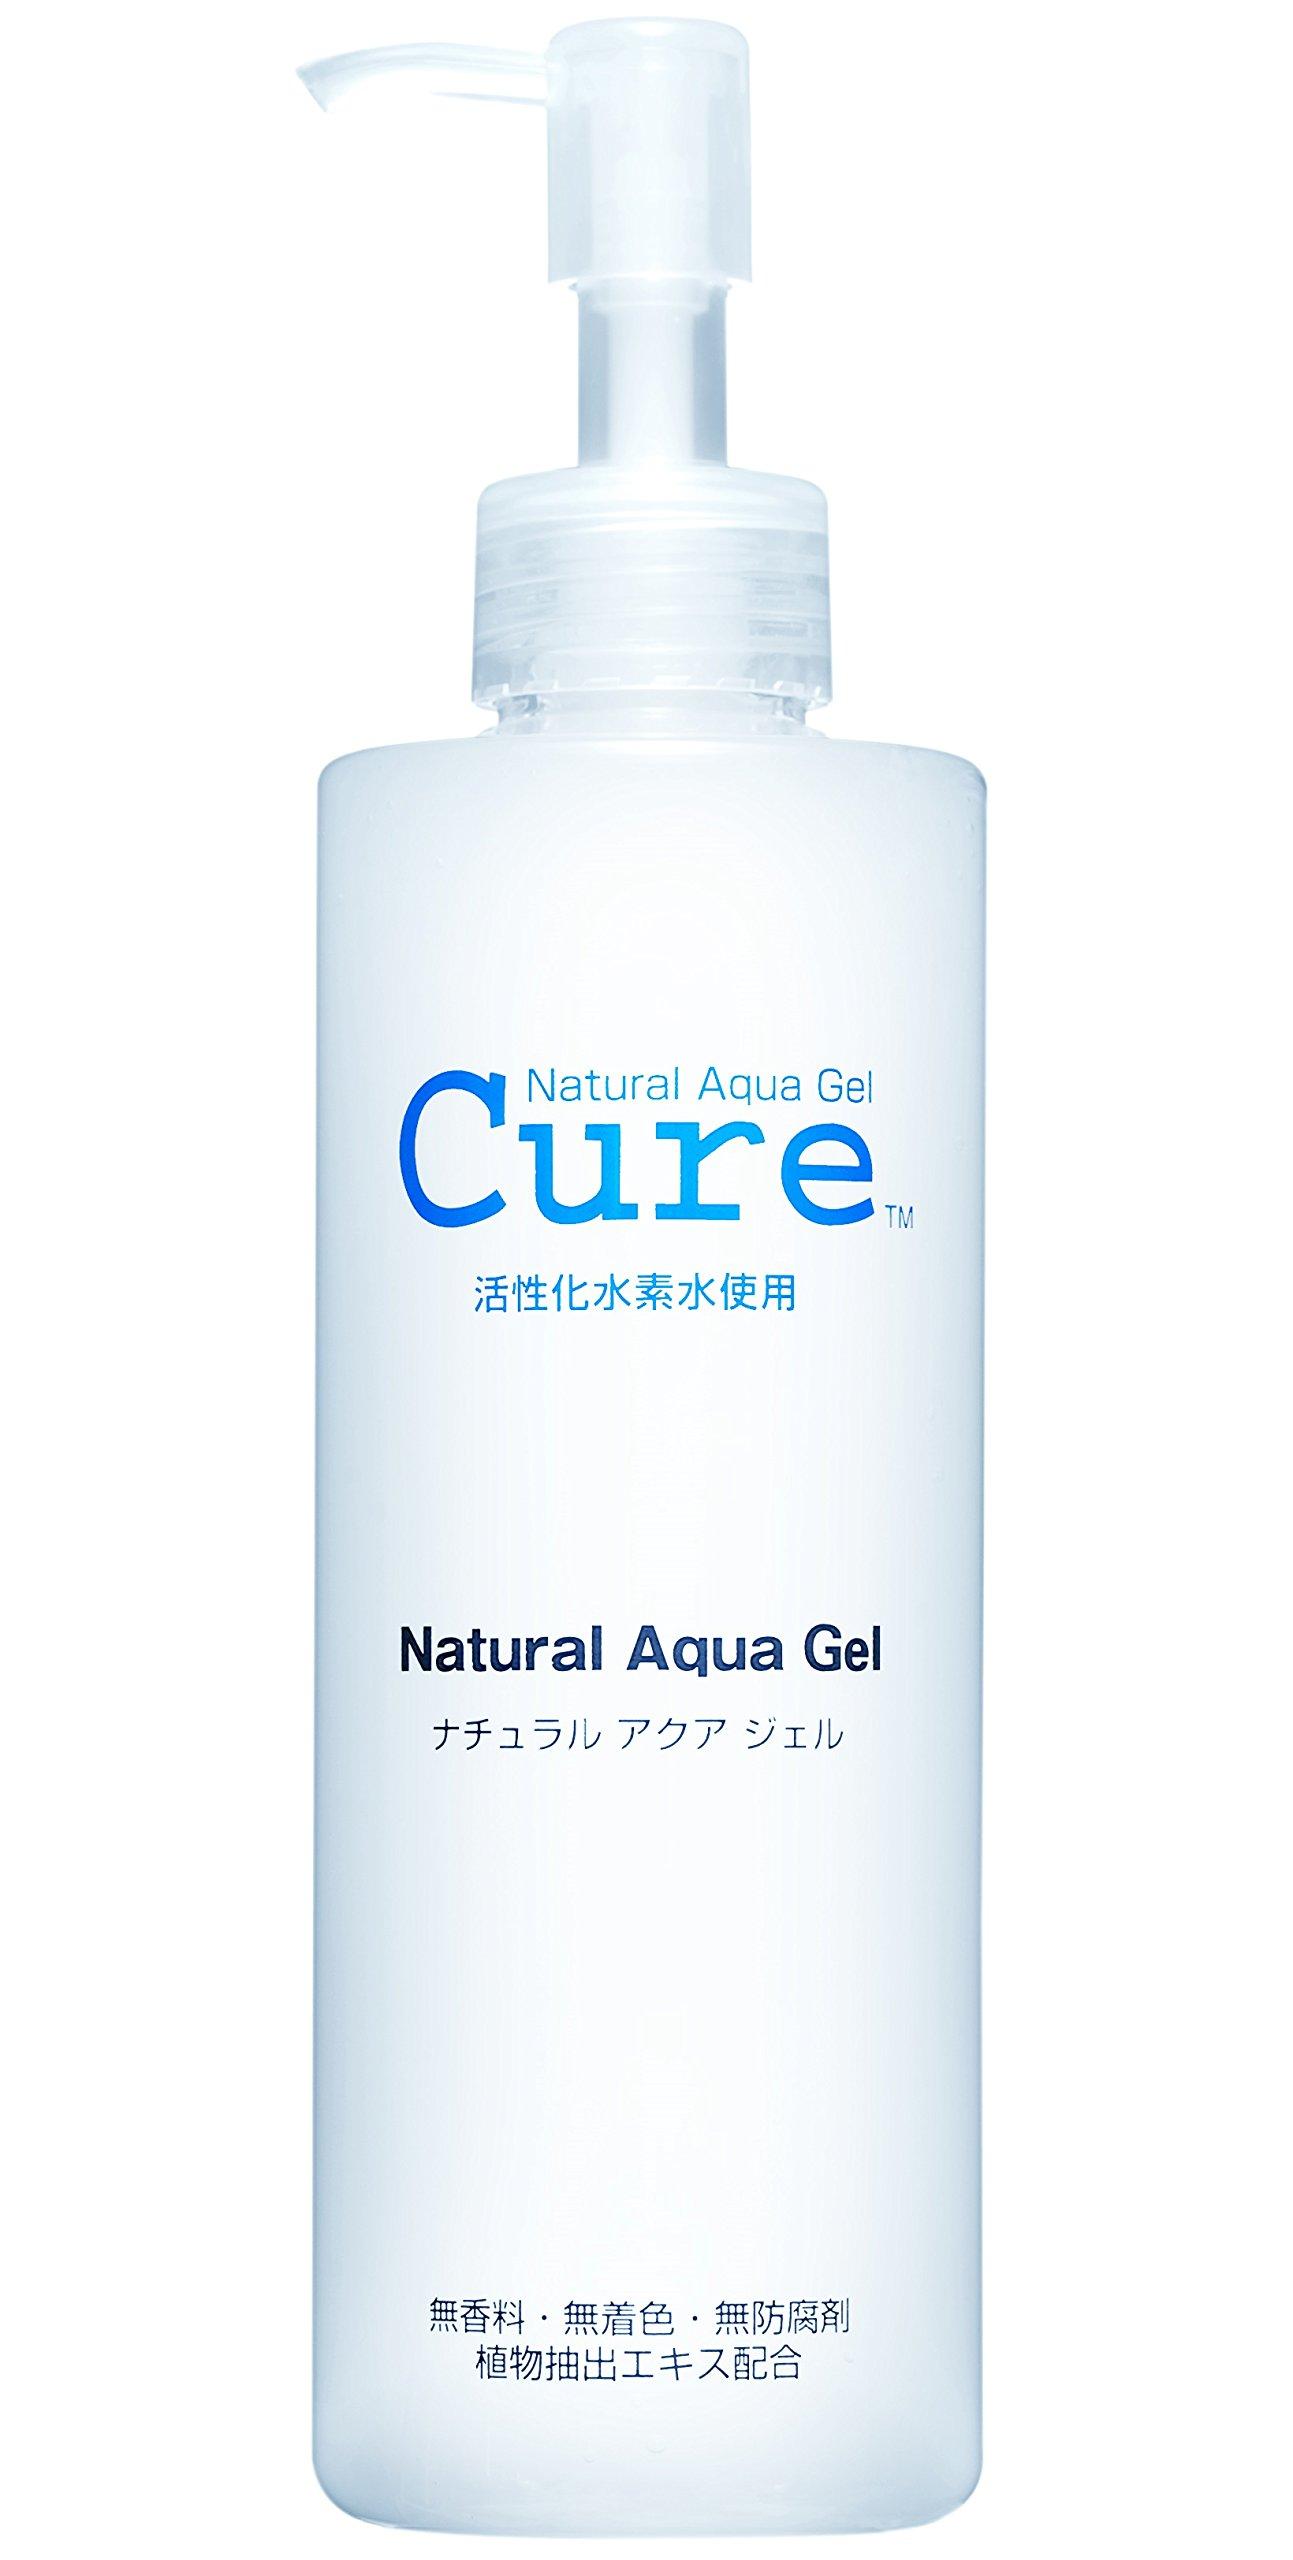 Cure Natural Aqua Gel, 250 ml